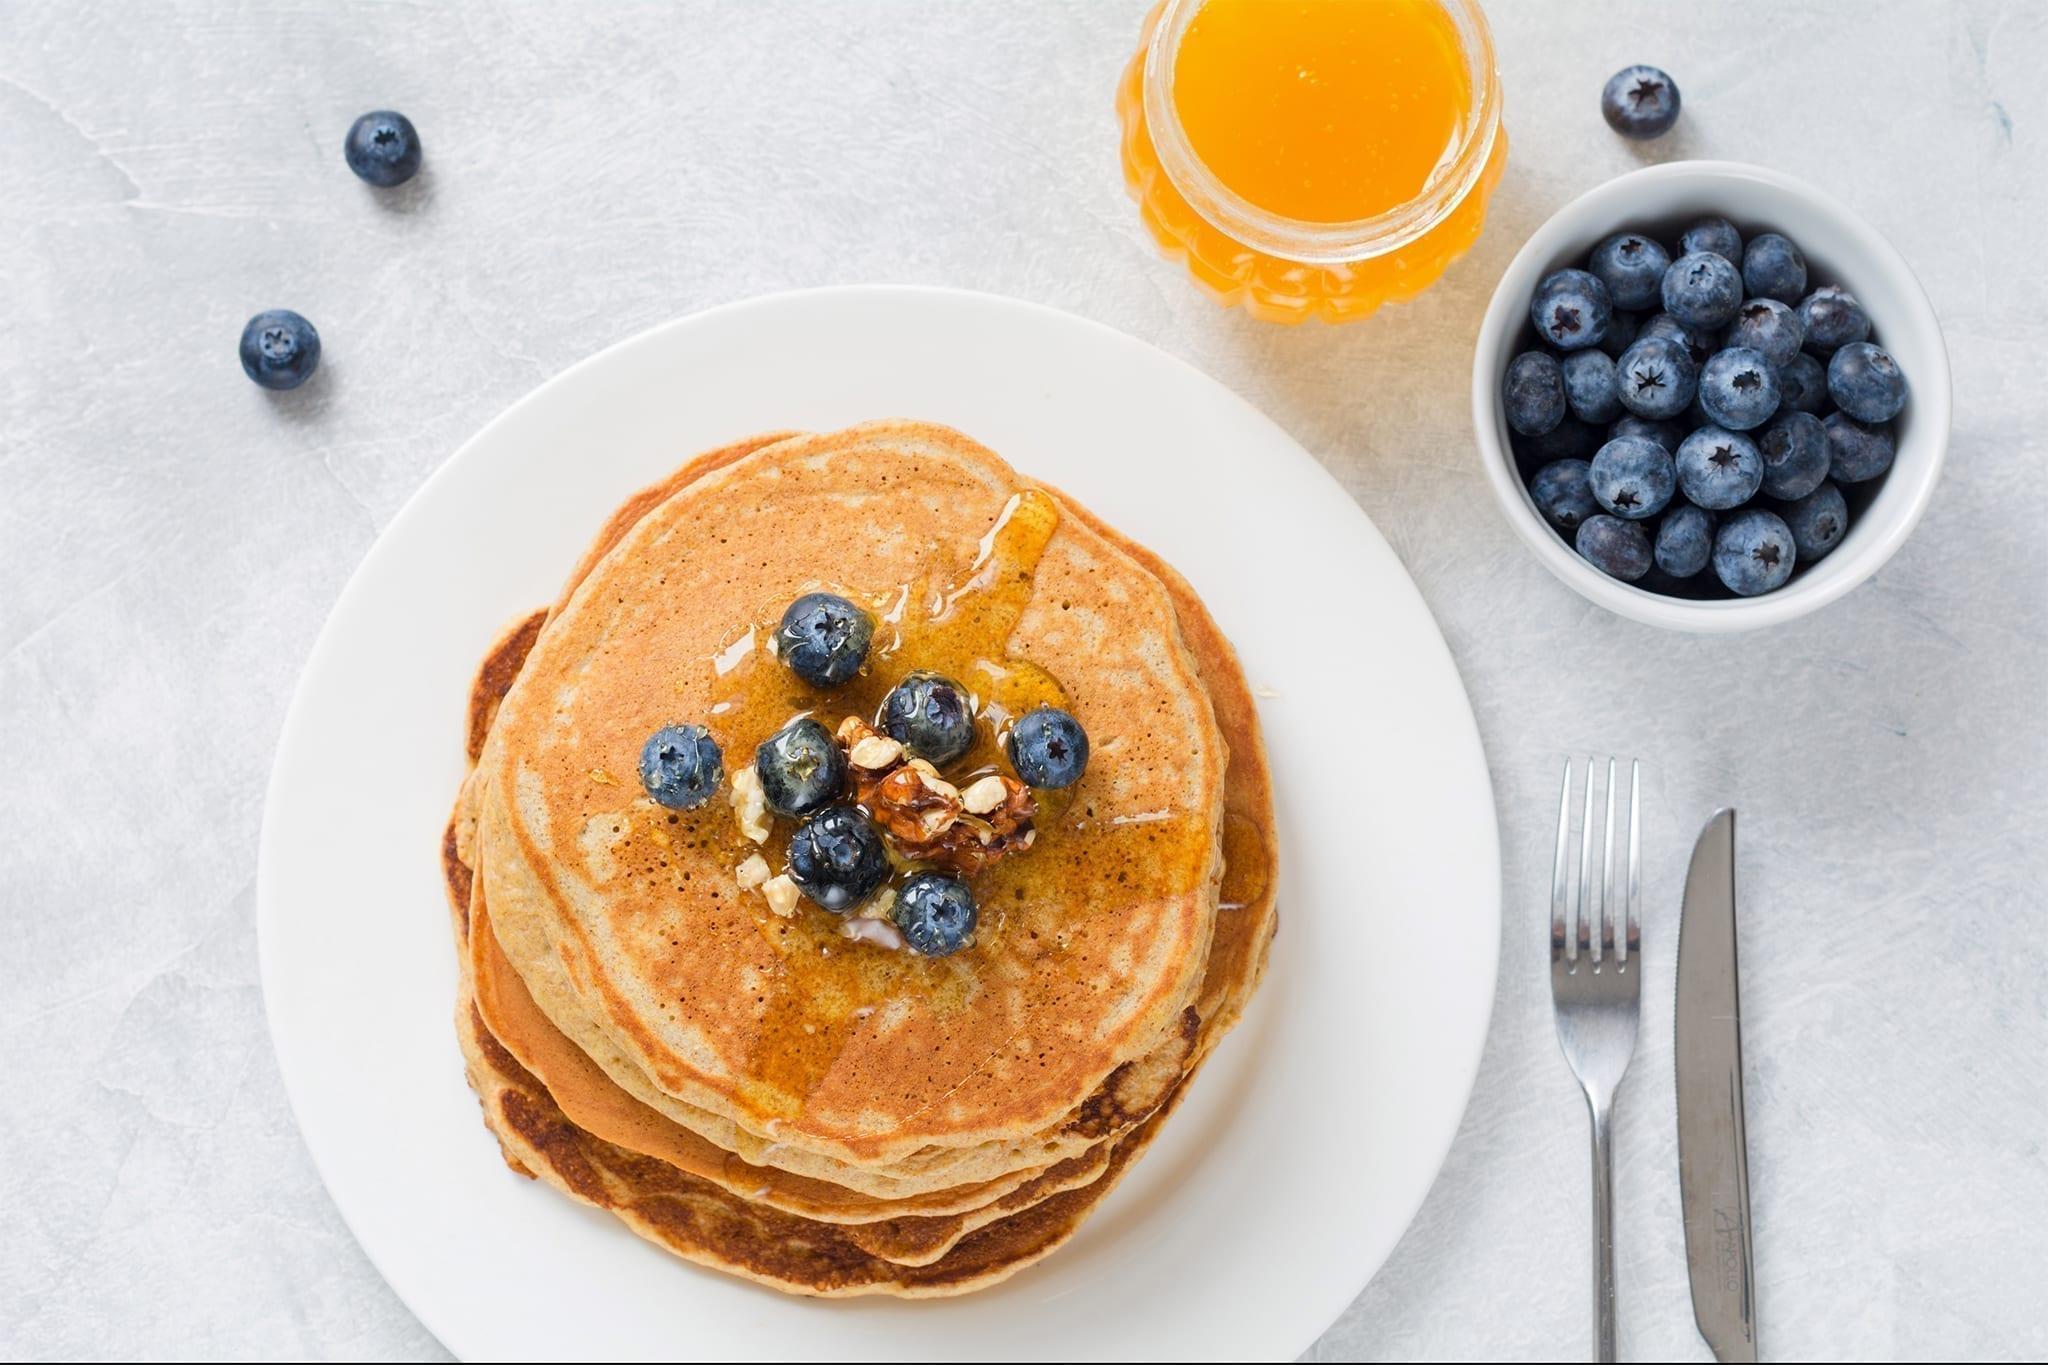 Proteinpandekager med blåbær (morgenmad eller dessert)